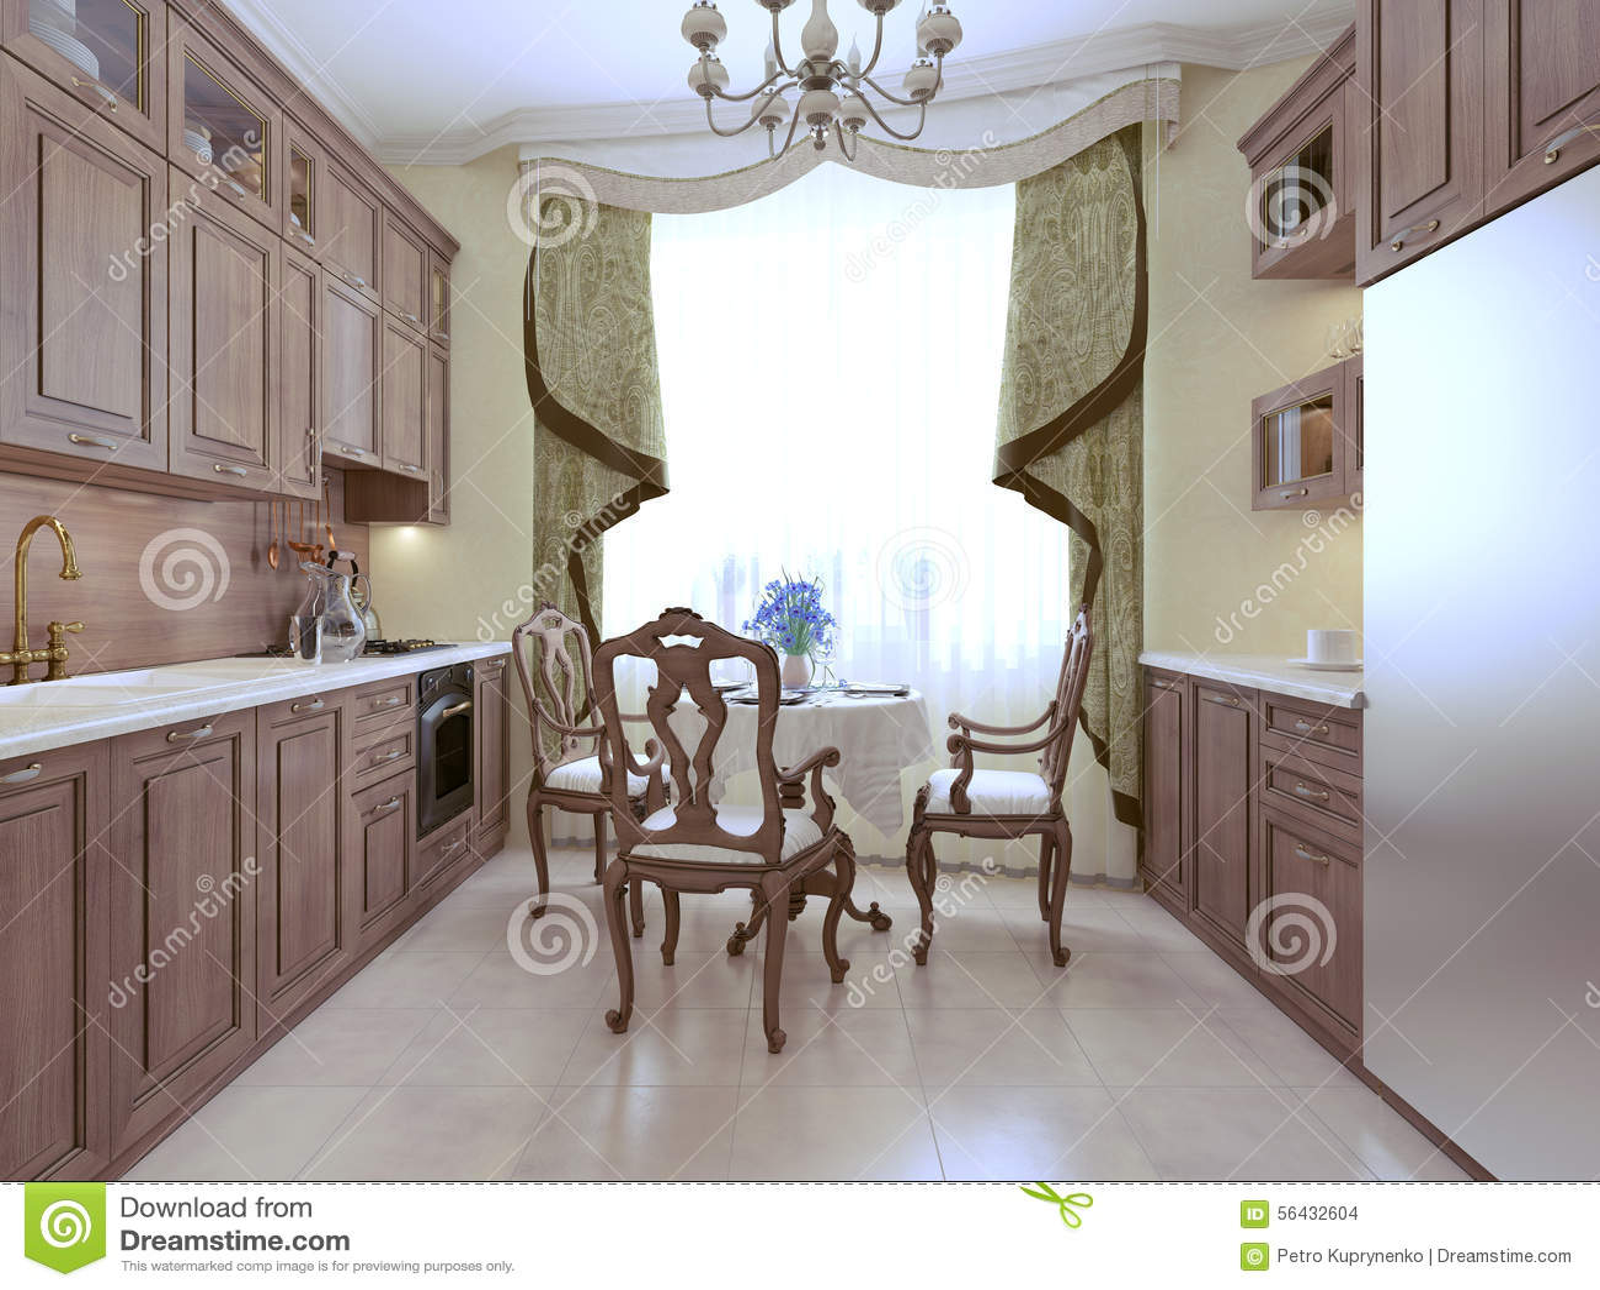 kitchen art decor farm sinks for kitchens lowes 厨房艺术装饰样式库存例证 插画包括有用餐 陶器 玻璃 楼层 家具 厨房艺术装饰样式